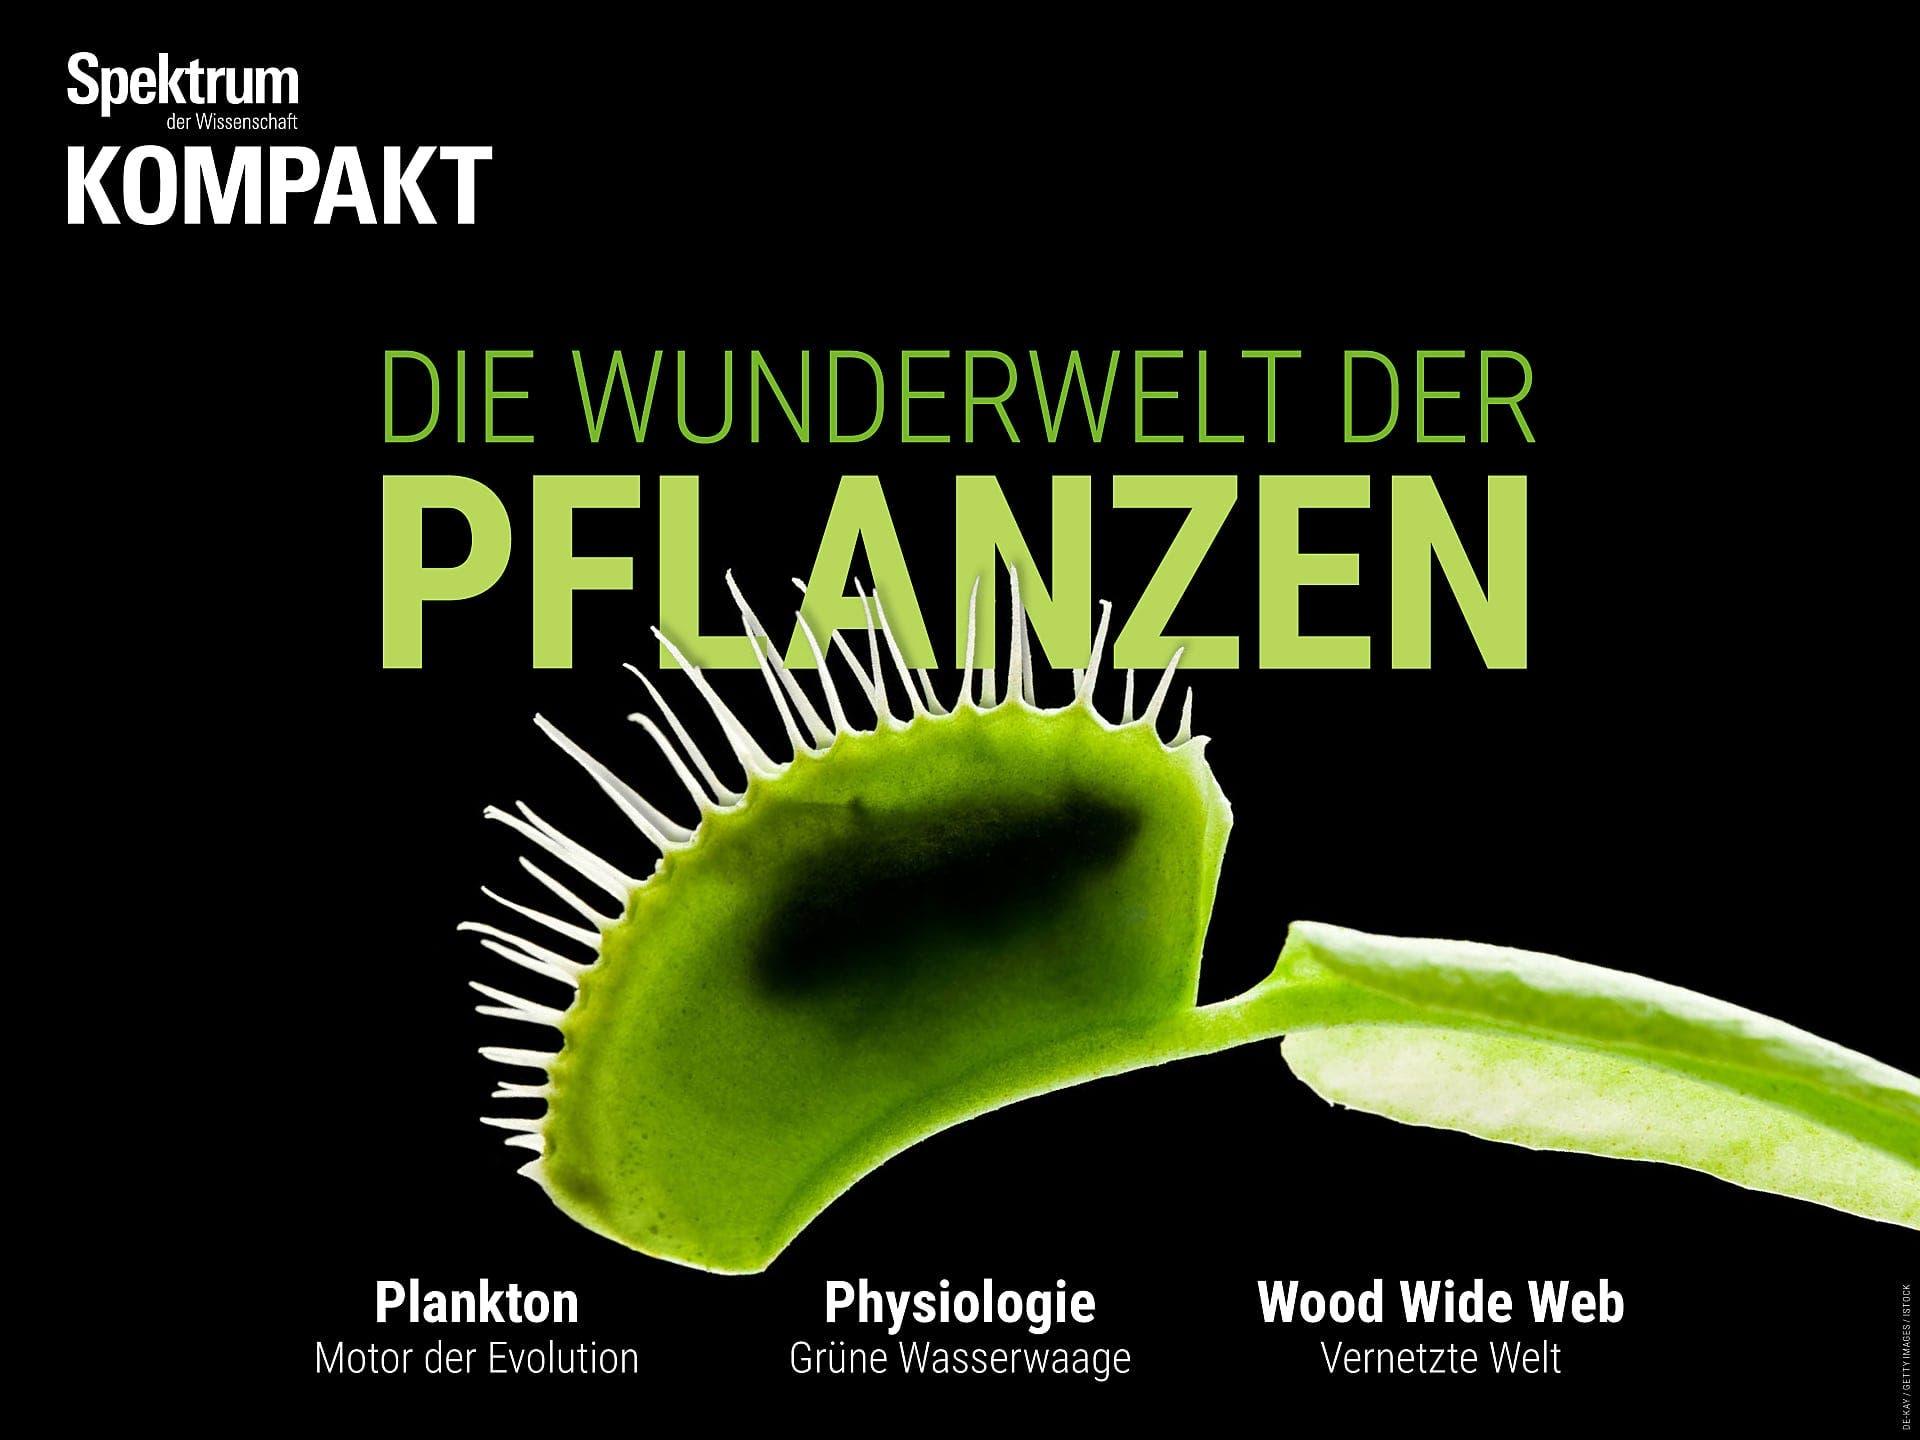 Die Wunderwelt der Pflanzen